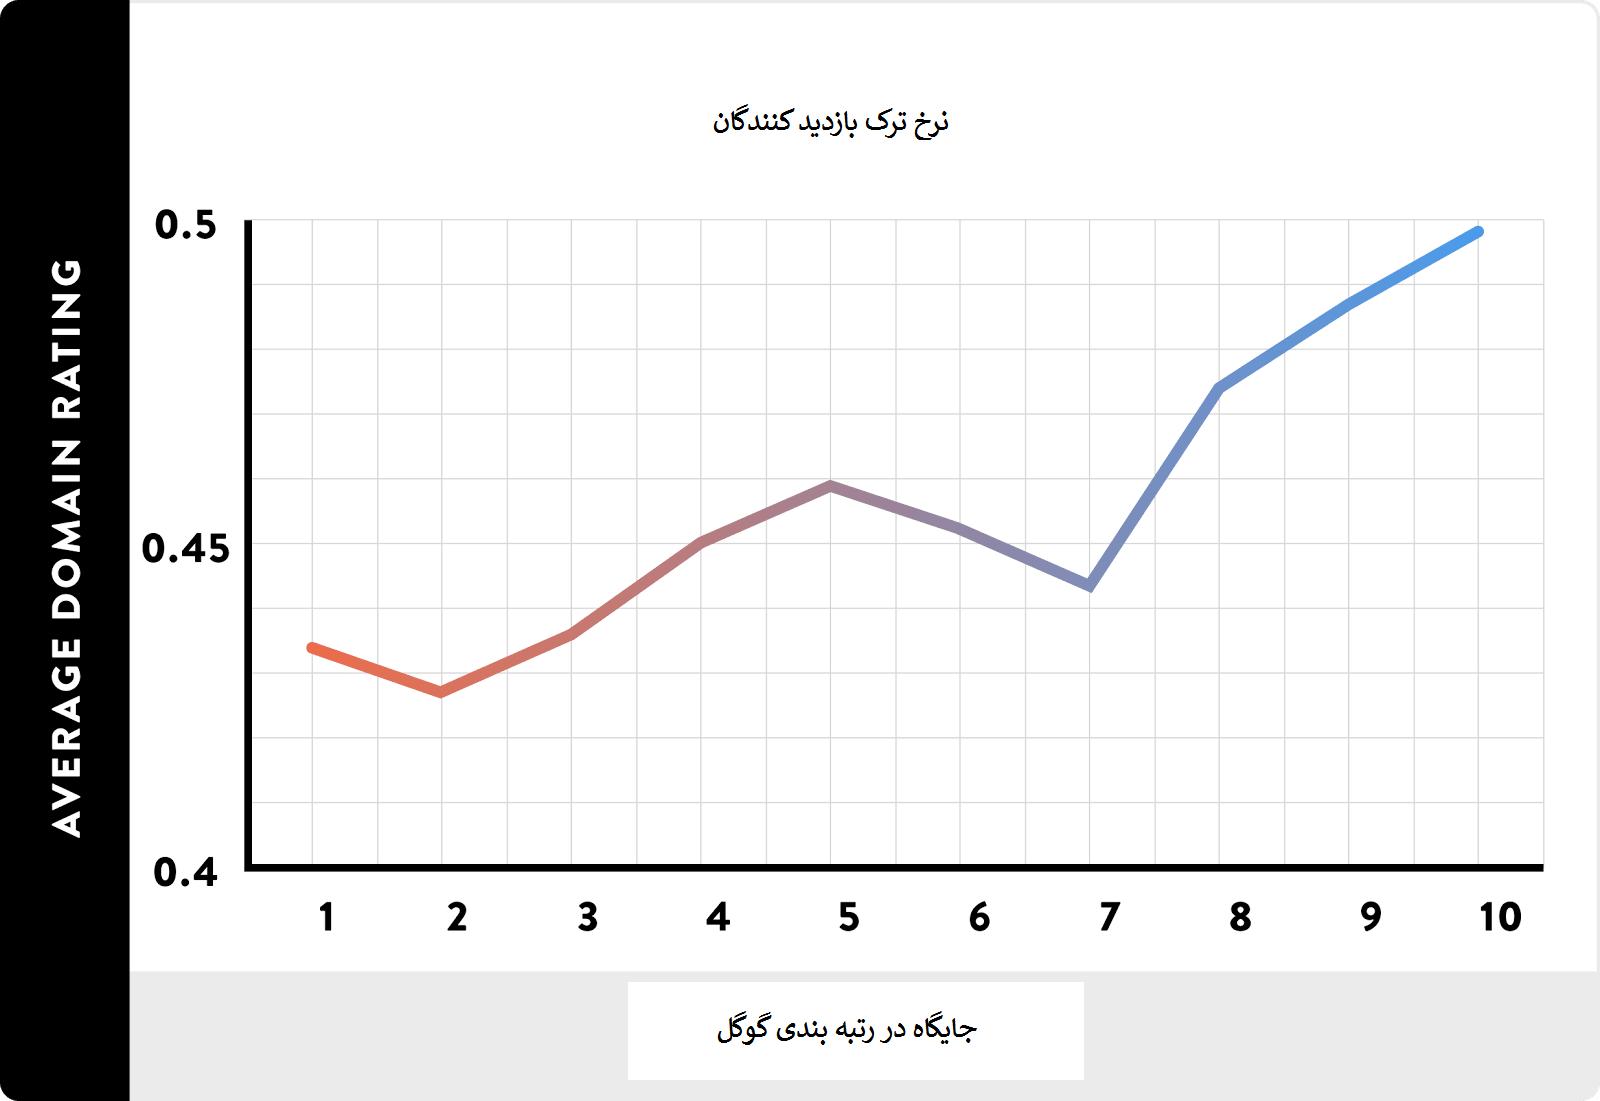 نمودار ارتباط نرخ ترک و جایگاه در گوگل